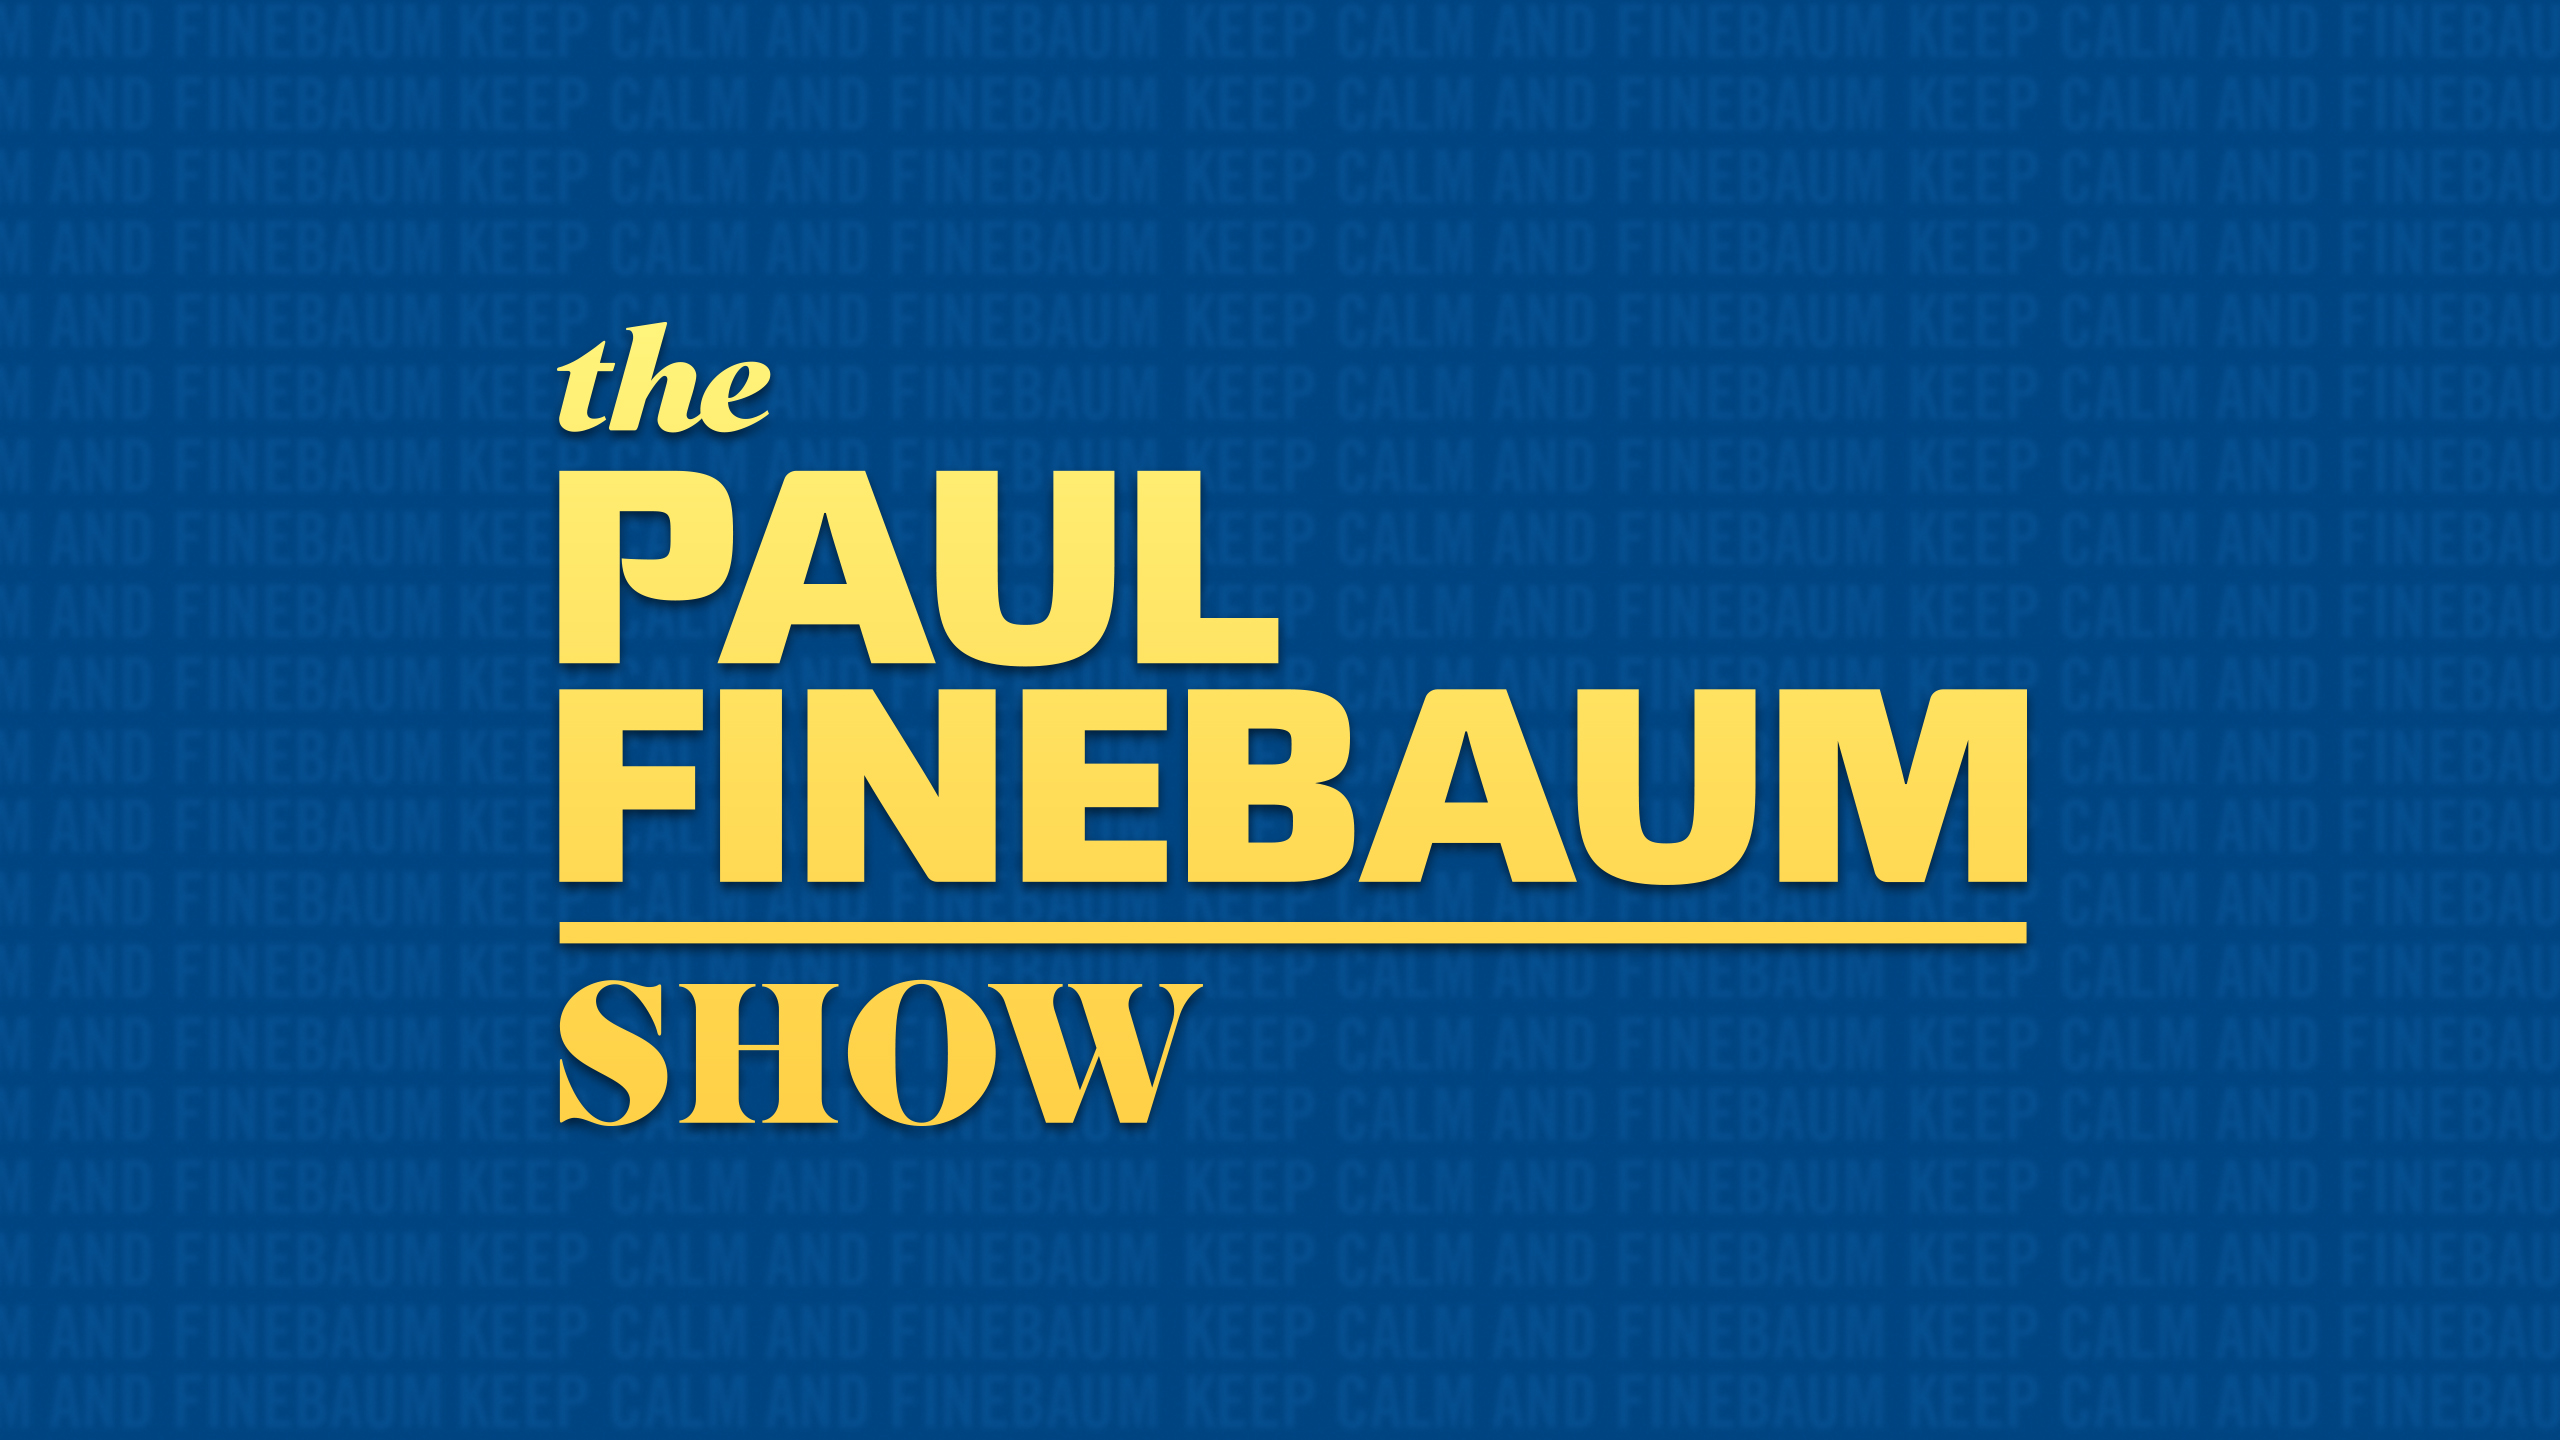 Tue, 12/18 - The Paul Finebaum Show